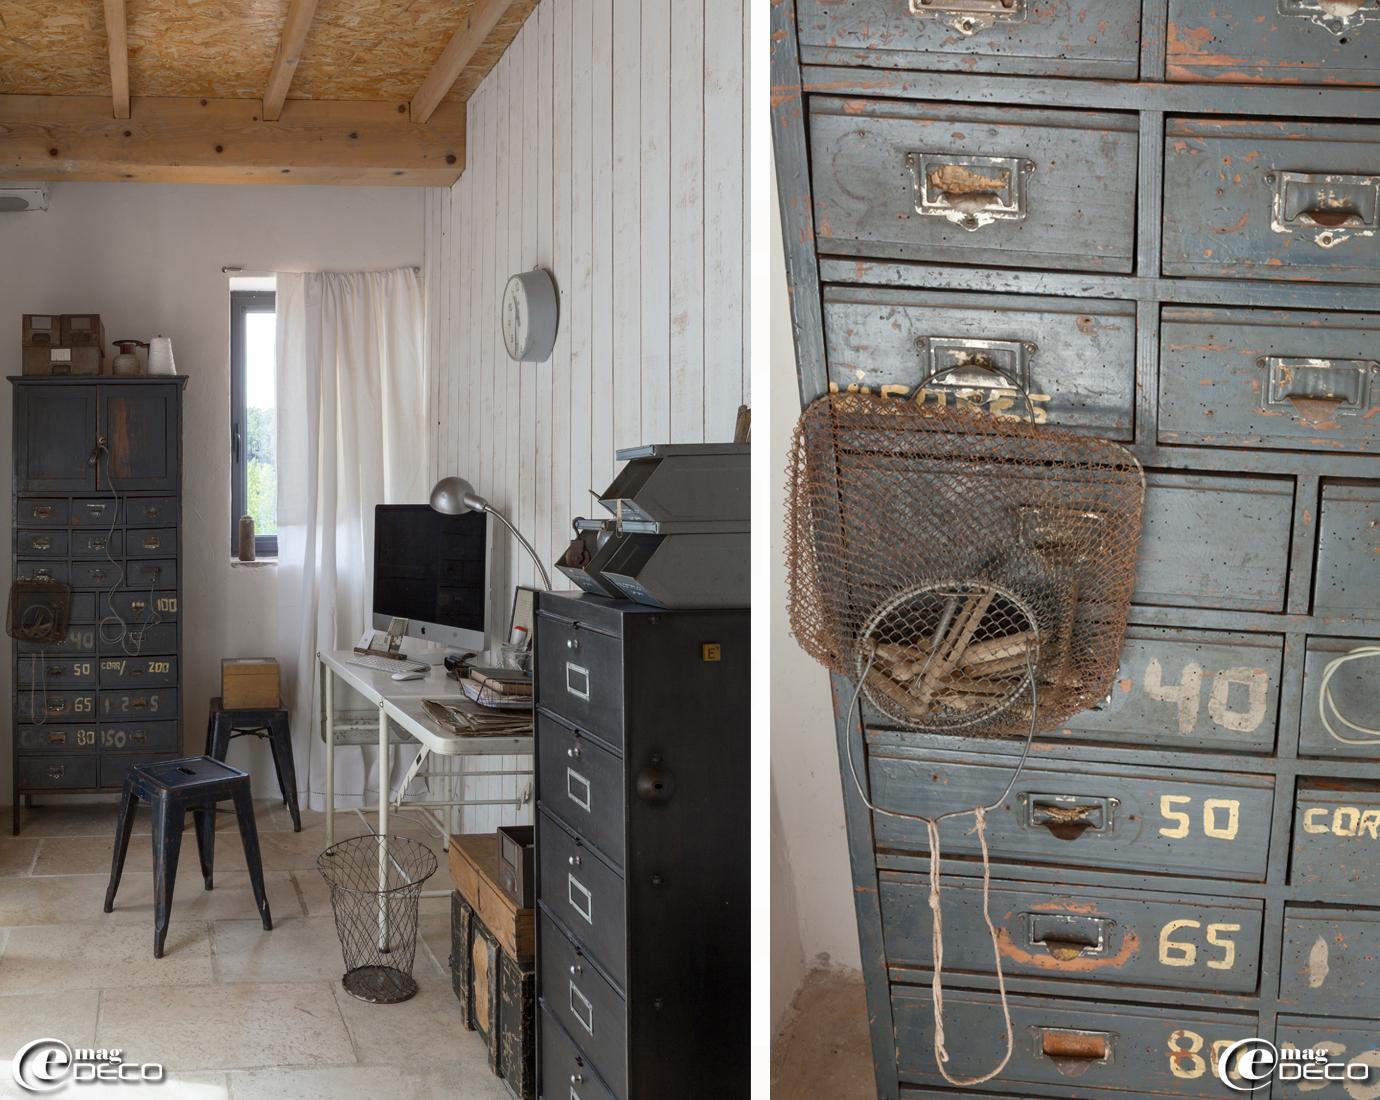 Table chirurgicale détournée en bureau, meuble à clapets 'Ronéo', casiers à bec 'Valentini', lampe d'atelier 'Jimo', e-boutique 'Esprit de Famille'